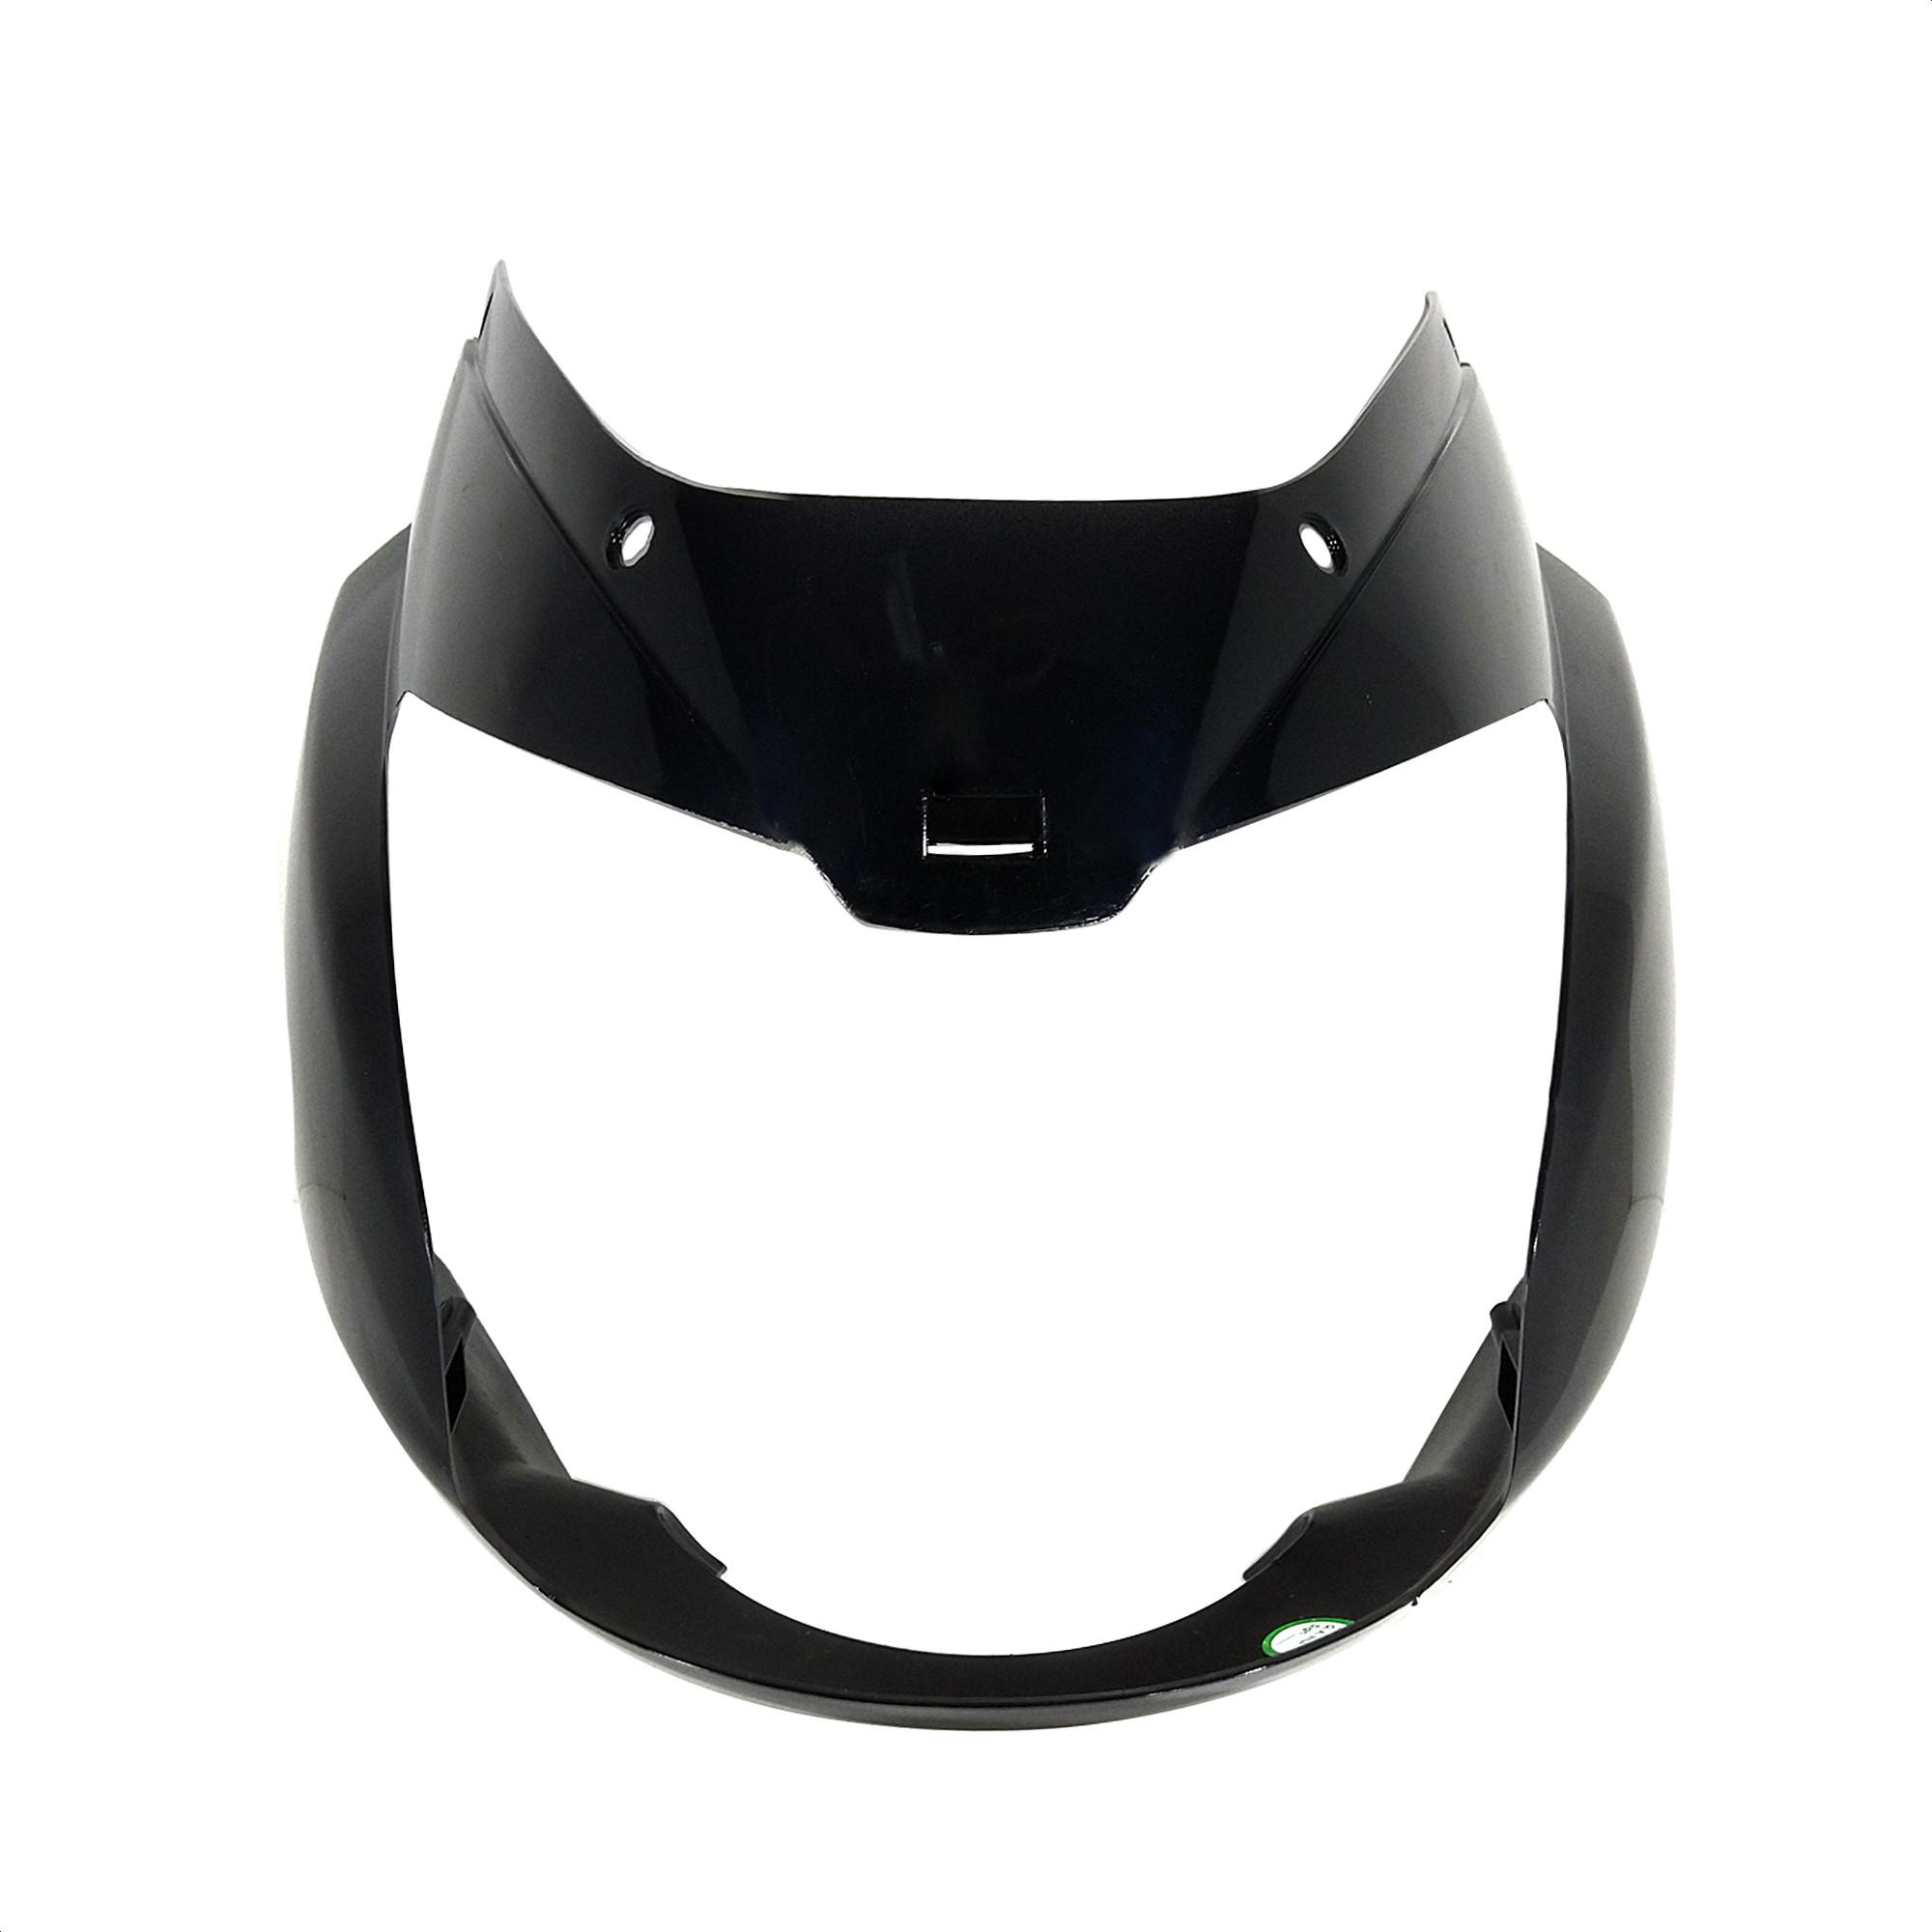 Mascara Optica Negro Bajaj Rouser 180 Original